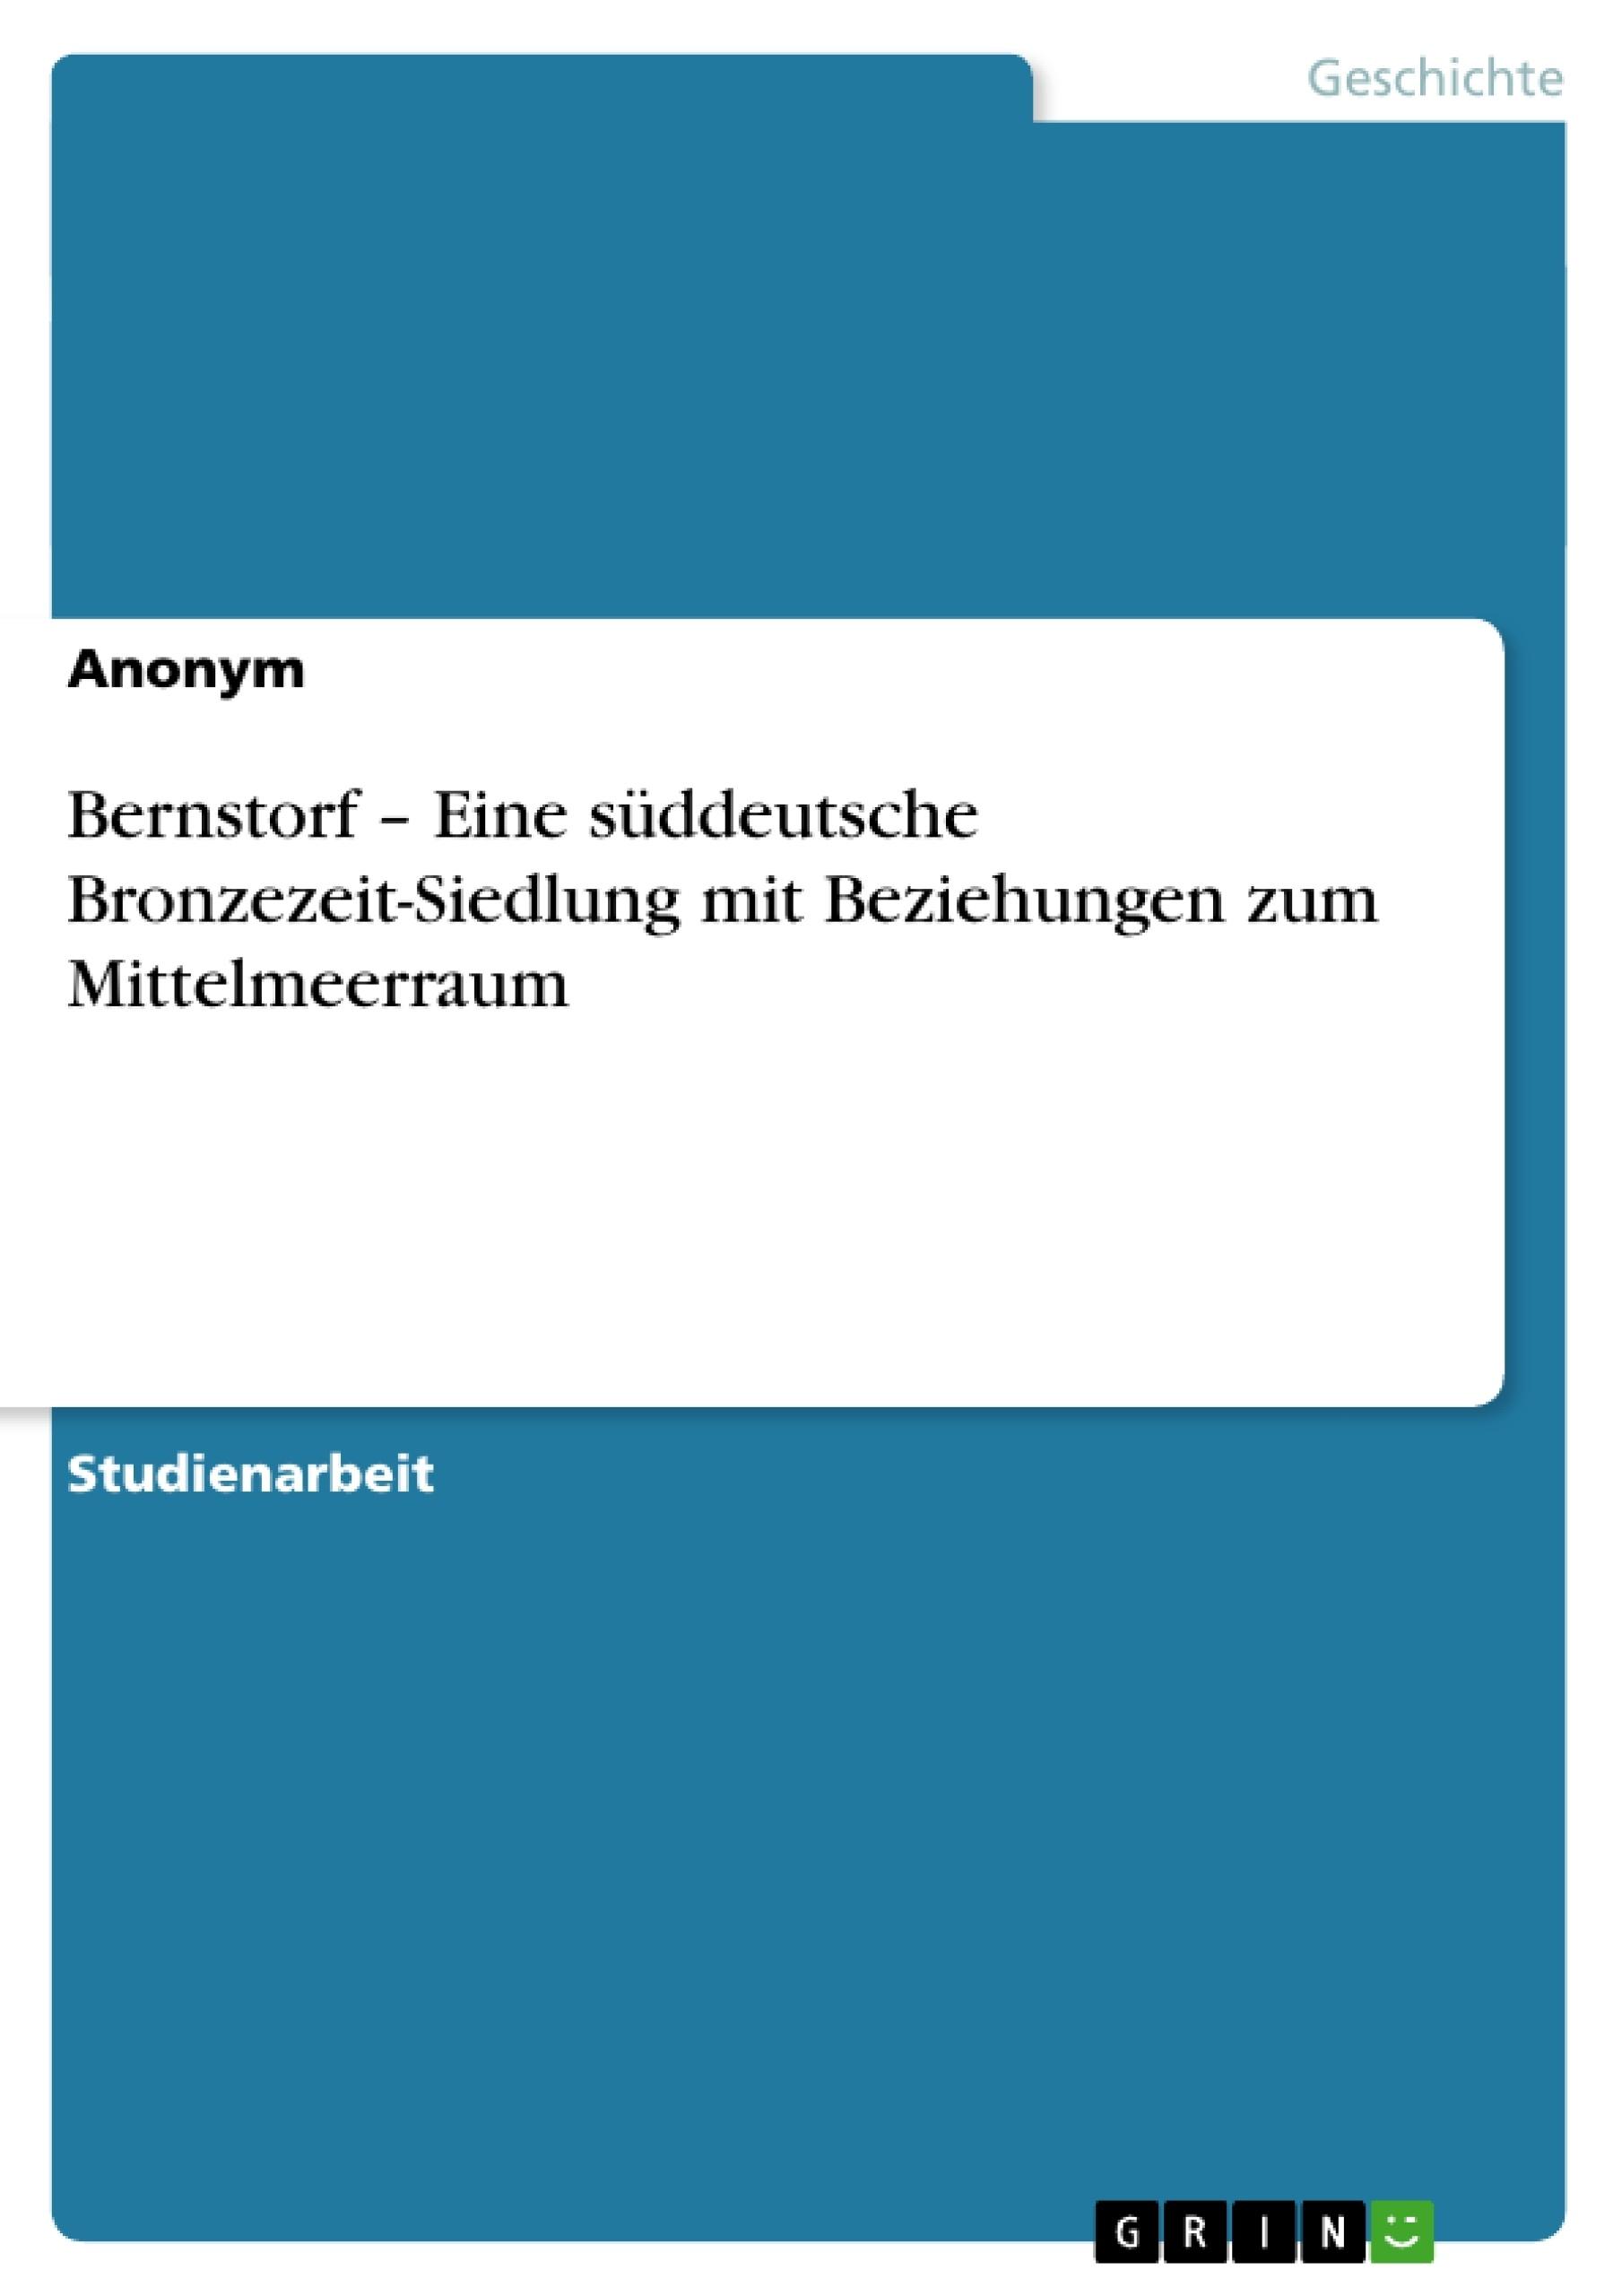 Titel: Bernstorf – Eine süddeutsche Bronzezeit-Siedlung mit Beziehungen zum Mittelmeerraum